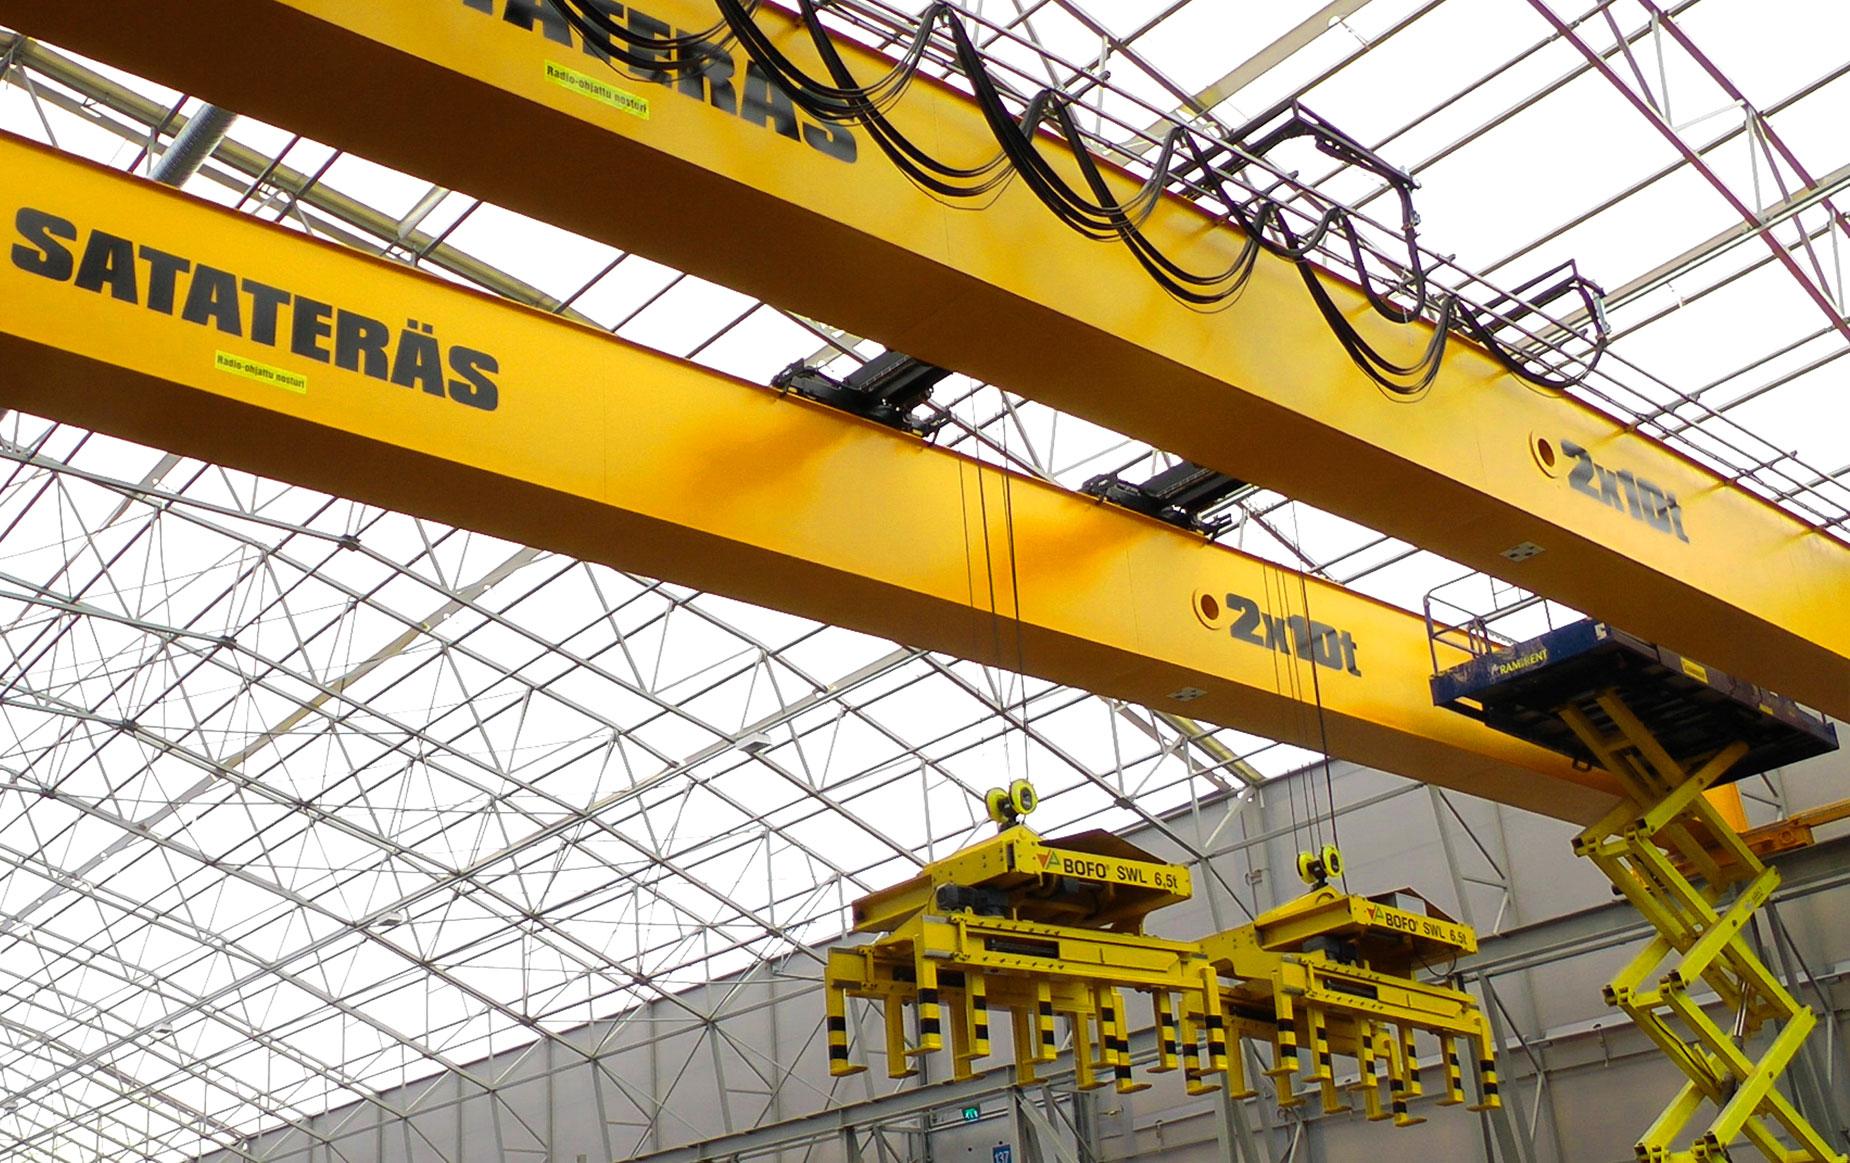 crane-service-nosturihuolto-teollisuus-metalliteollisuus-teollisuuden-siltanosturit-satateras_4